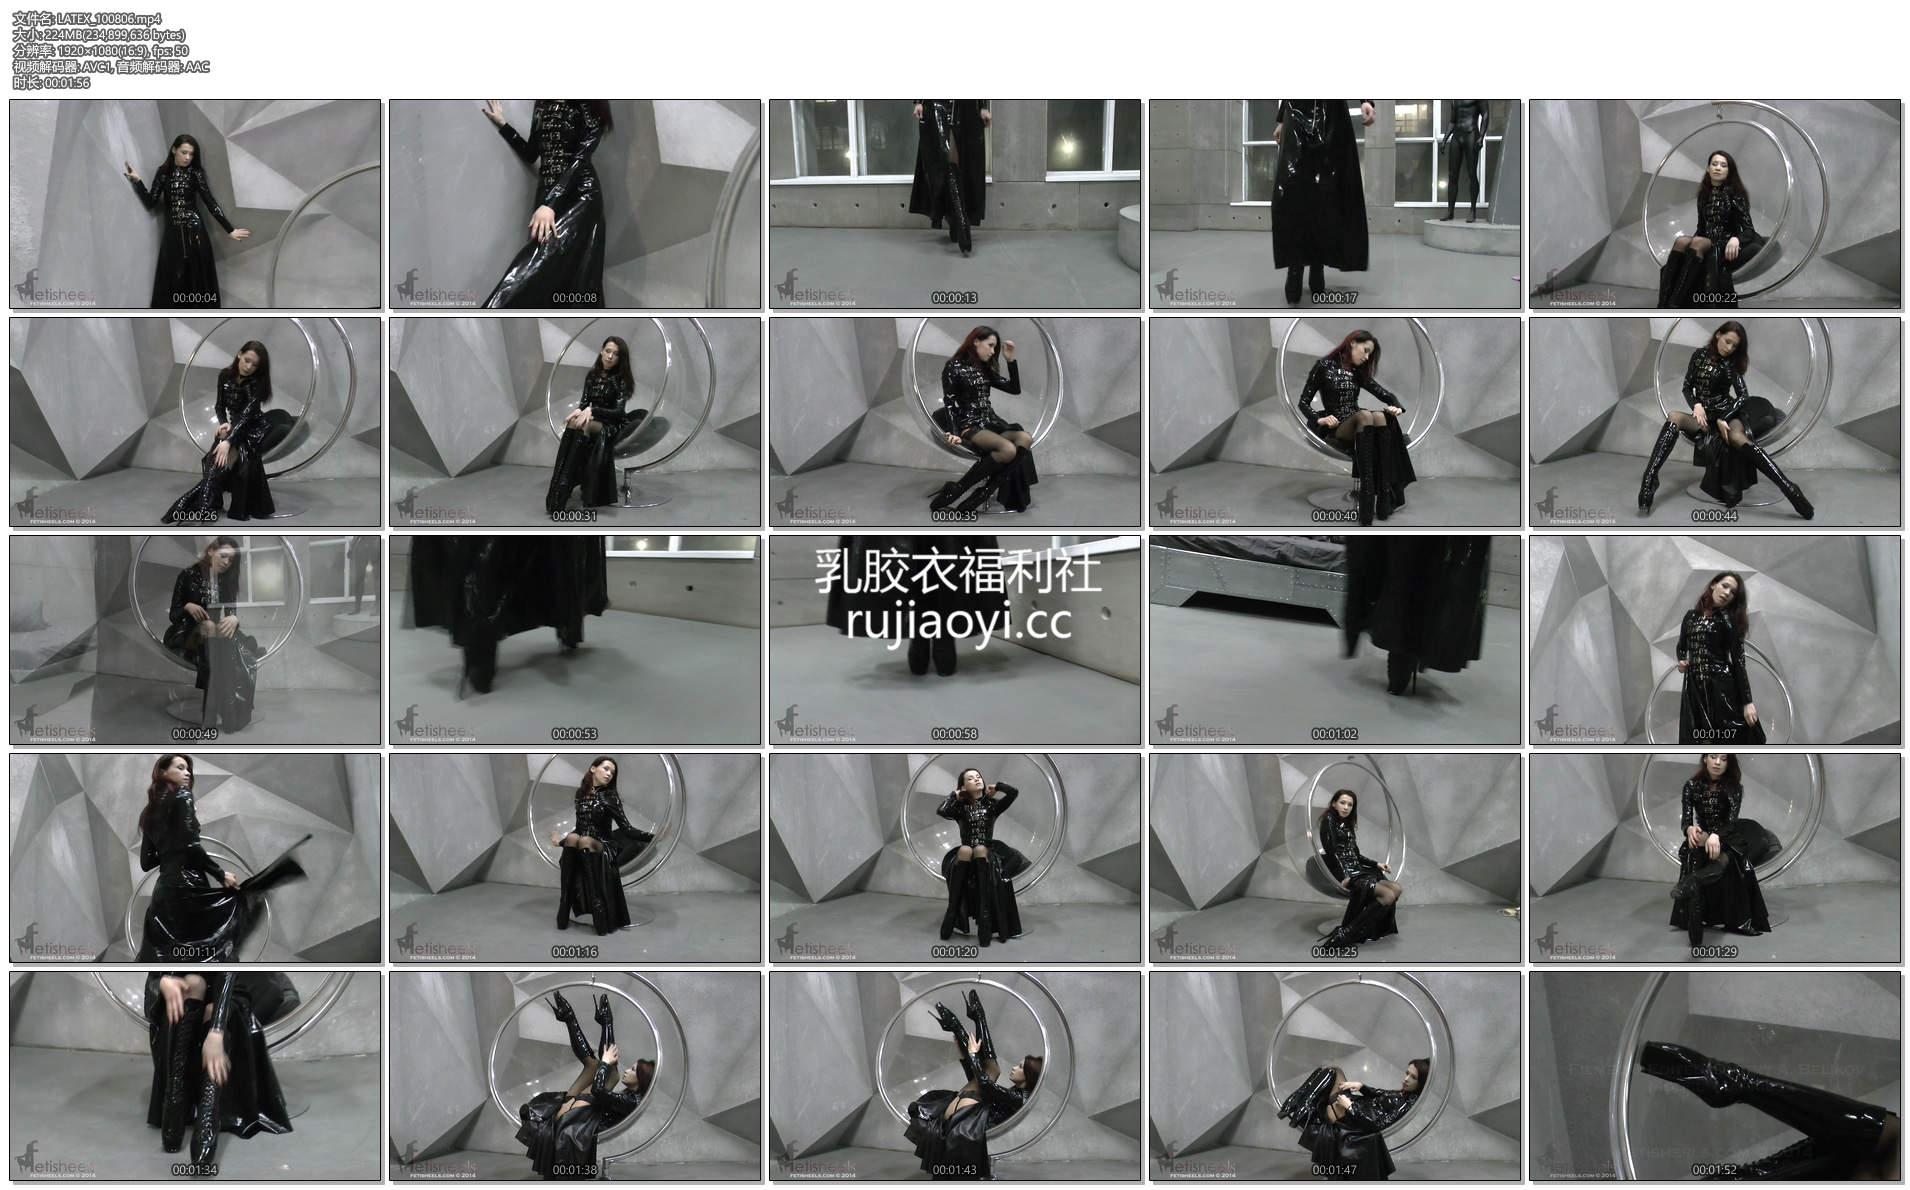 [永V专享-独家精品乳胶衣视频] 性感黑丝熟女紧身衣写真诱惑-1080P高清视频 [1V/224M]